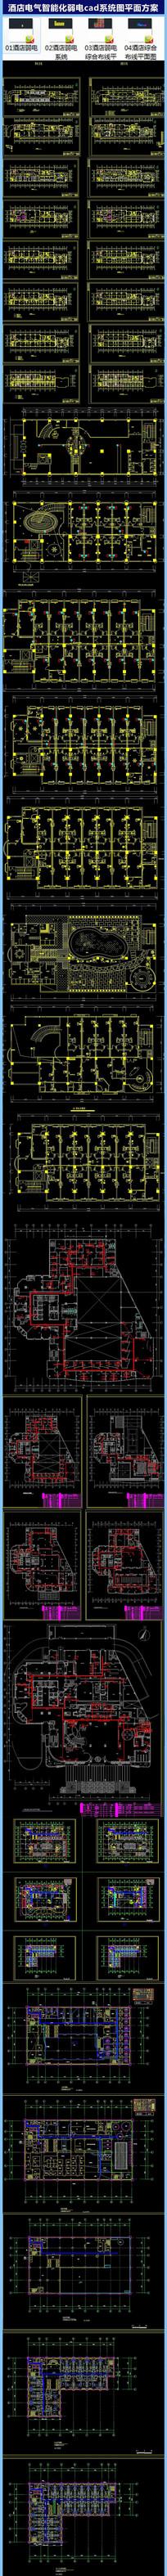 酒店电气智能化弱电cad系统图平面方案